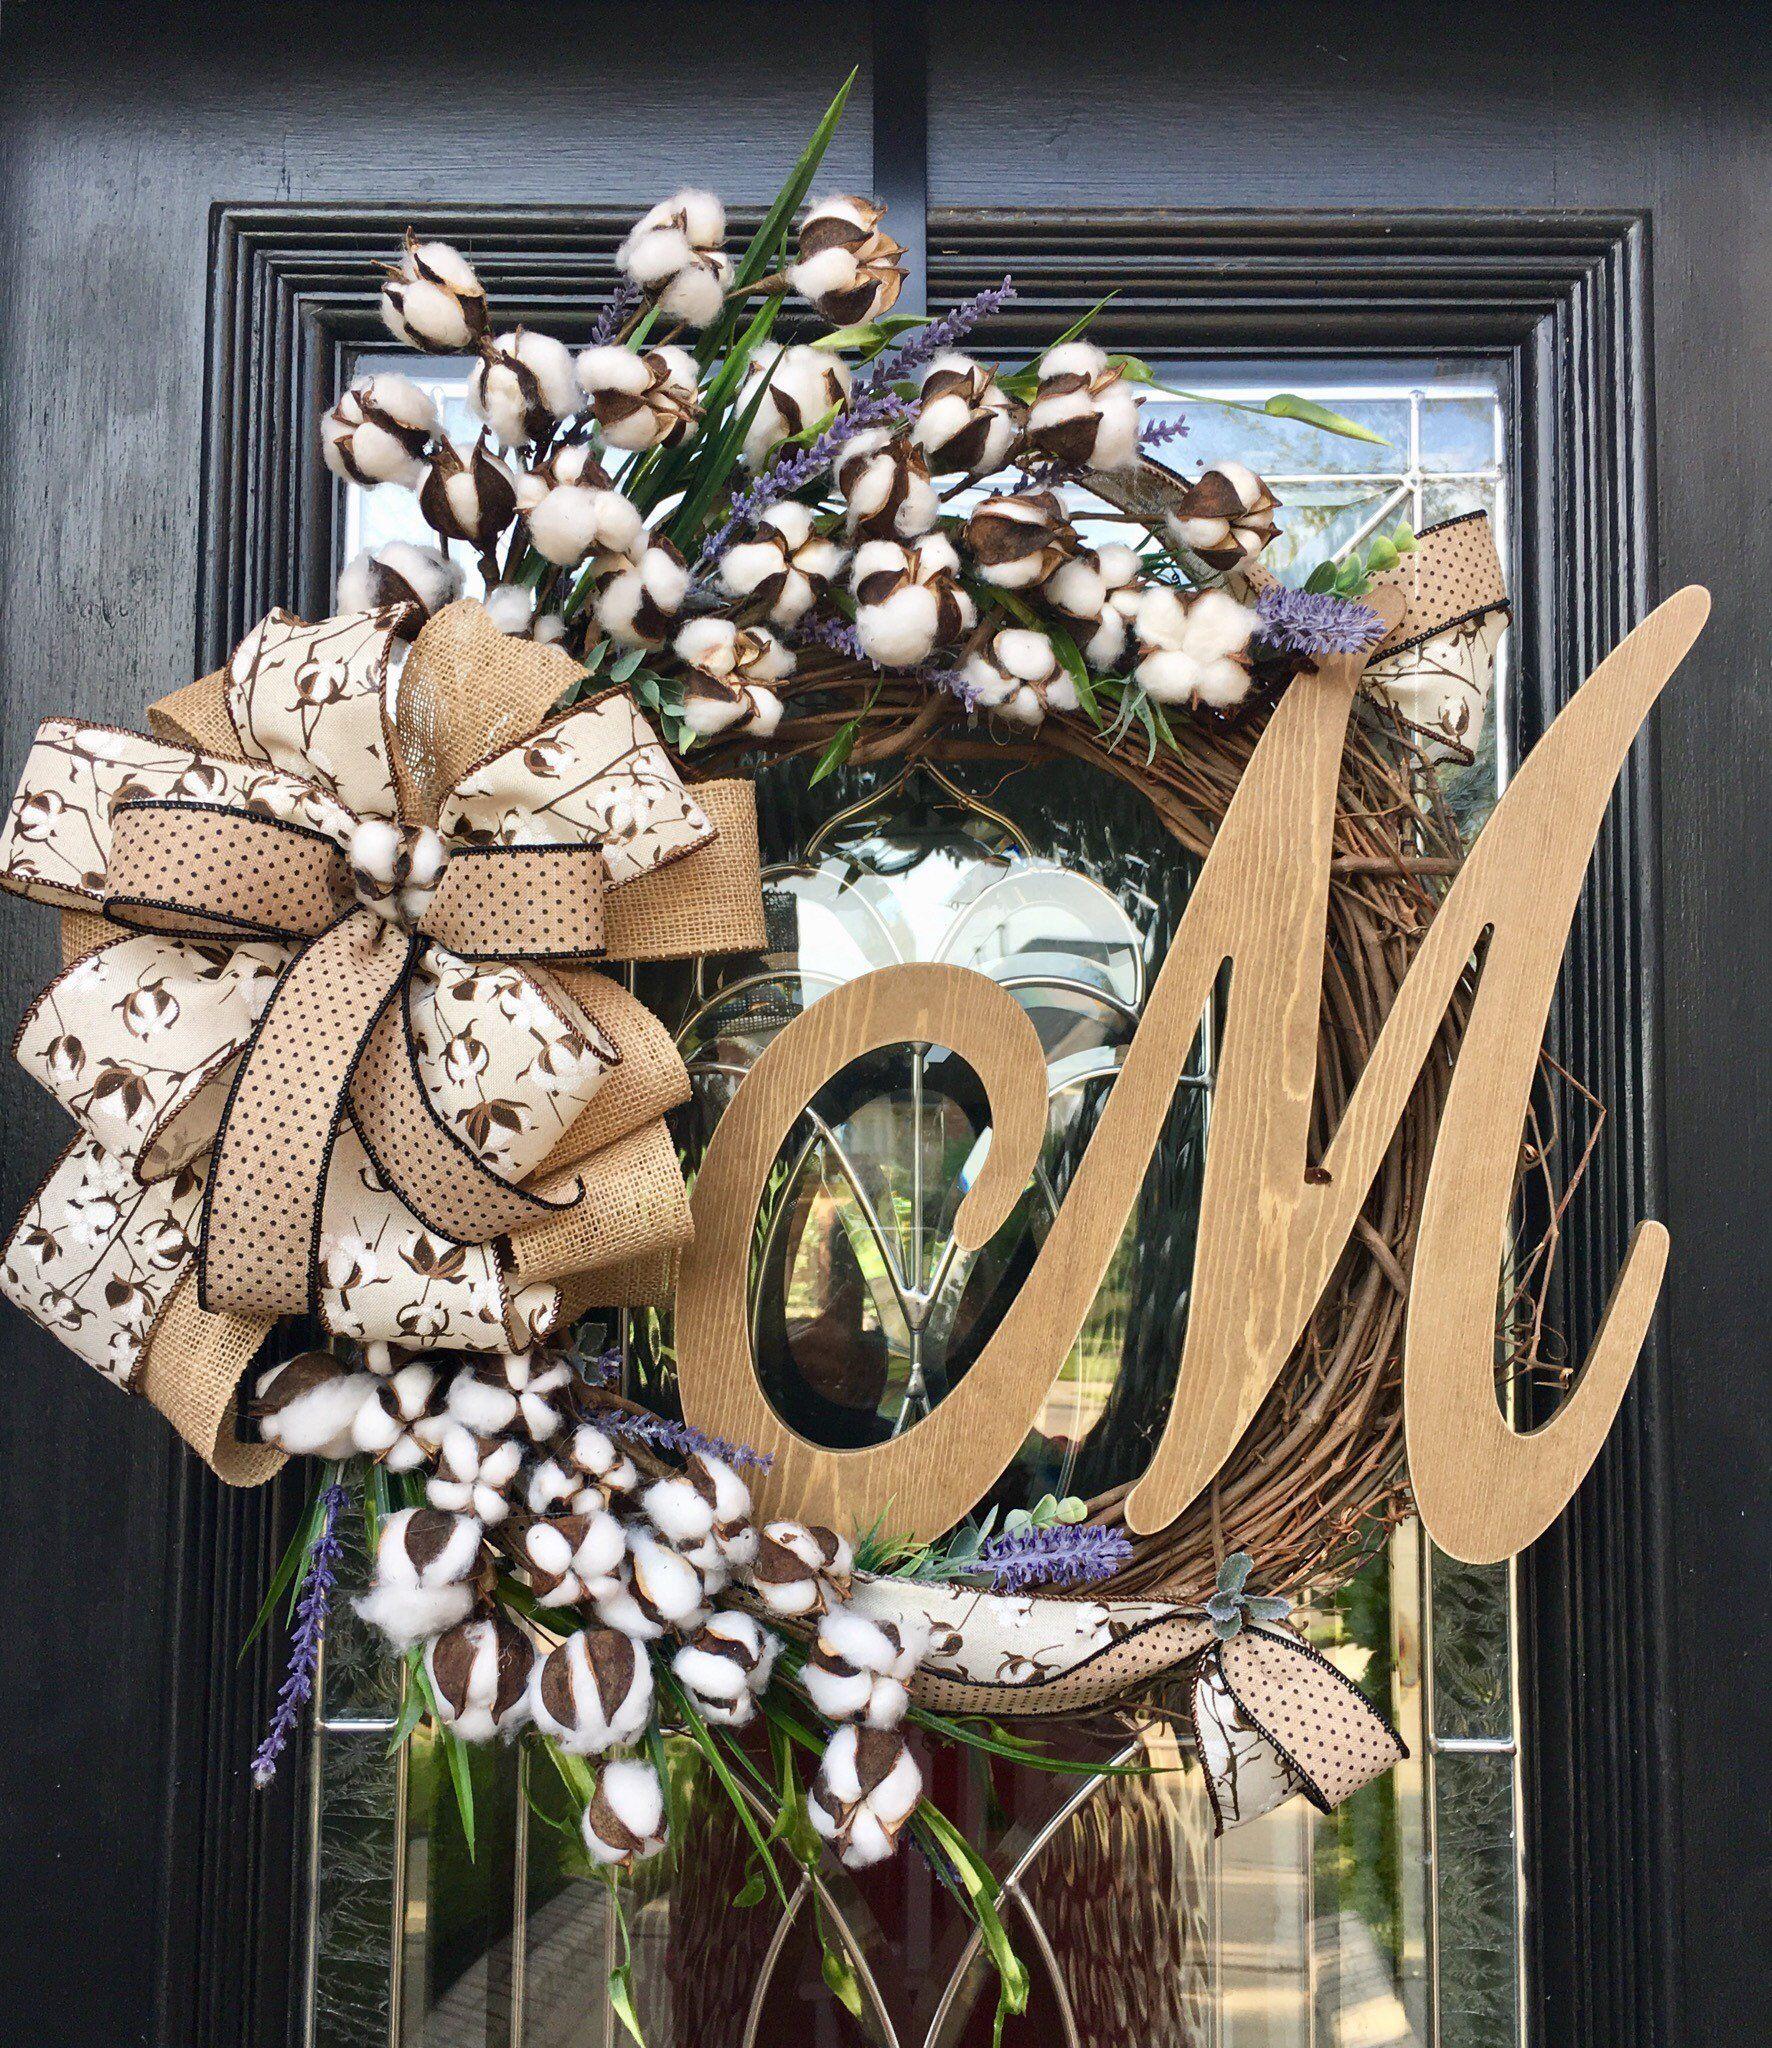 Frontdoor Wreath,Wedding Gift Wreath Initial Burlap Wreath,Country Wreath